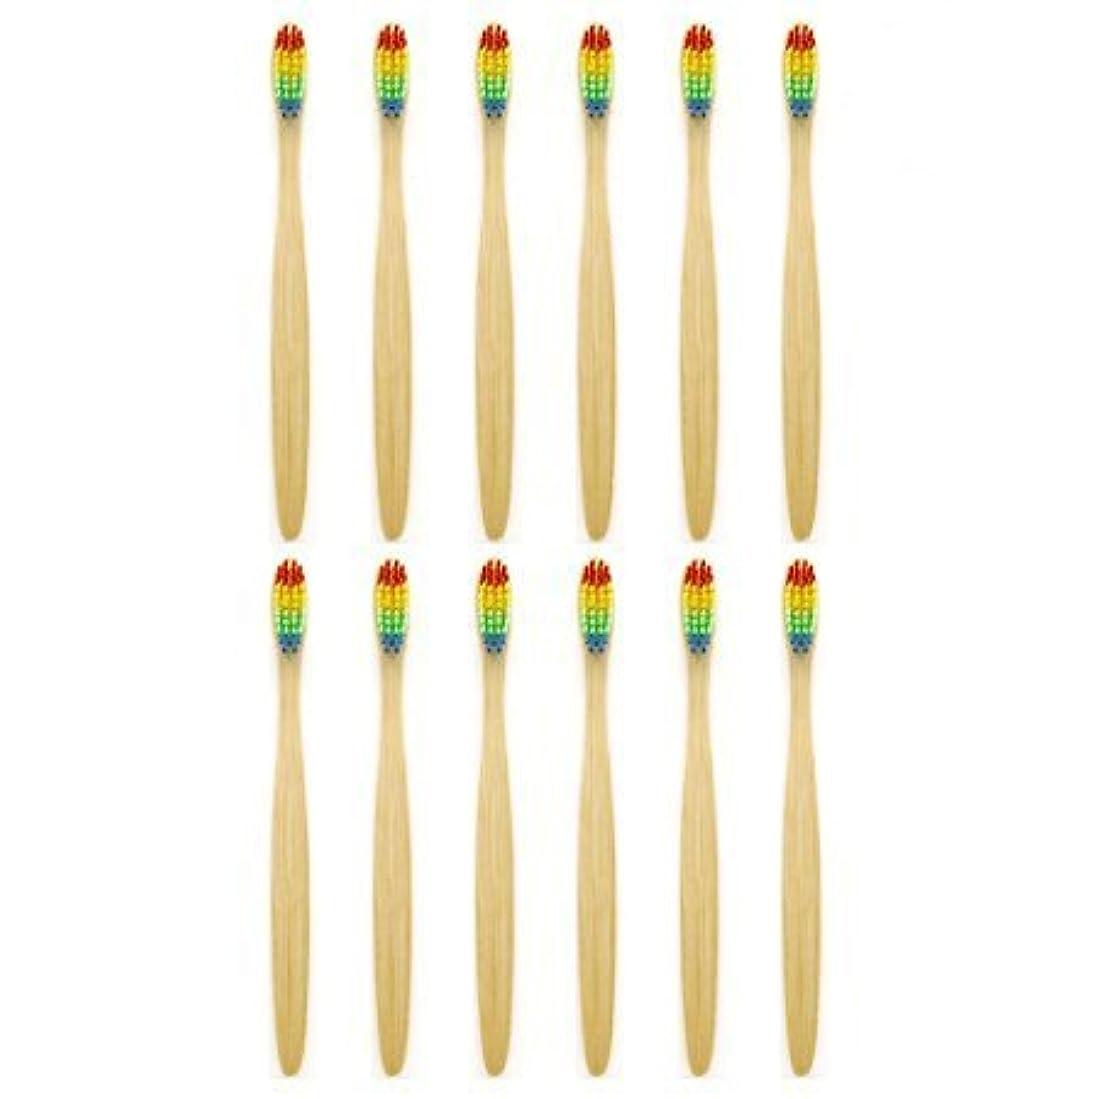 議論するバインド酔う天然竹歯ブラシGenkentリサイクル生分解性包装で環境にやさしい虹ナチュラル竹の歯ブラシはレインボーナイロン注入ブリストルで作られた(12本)